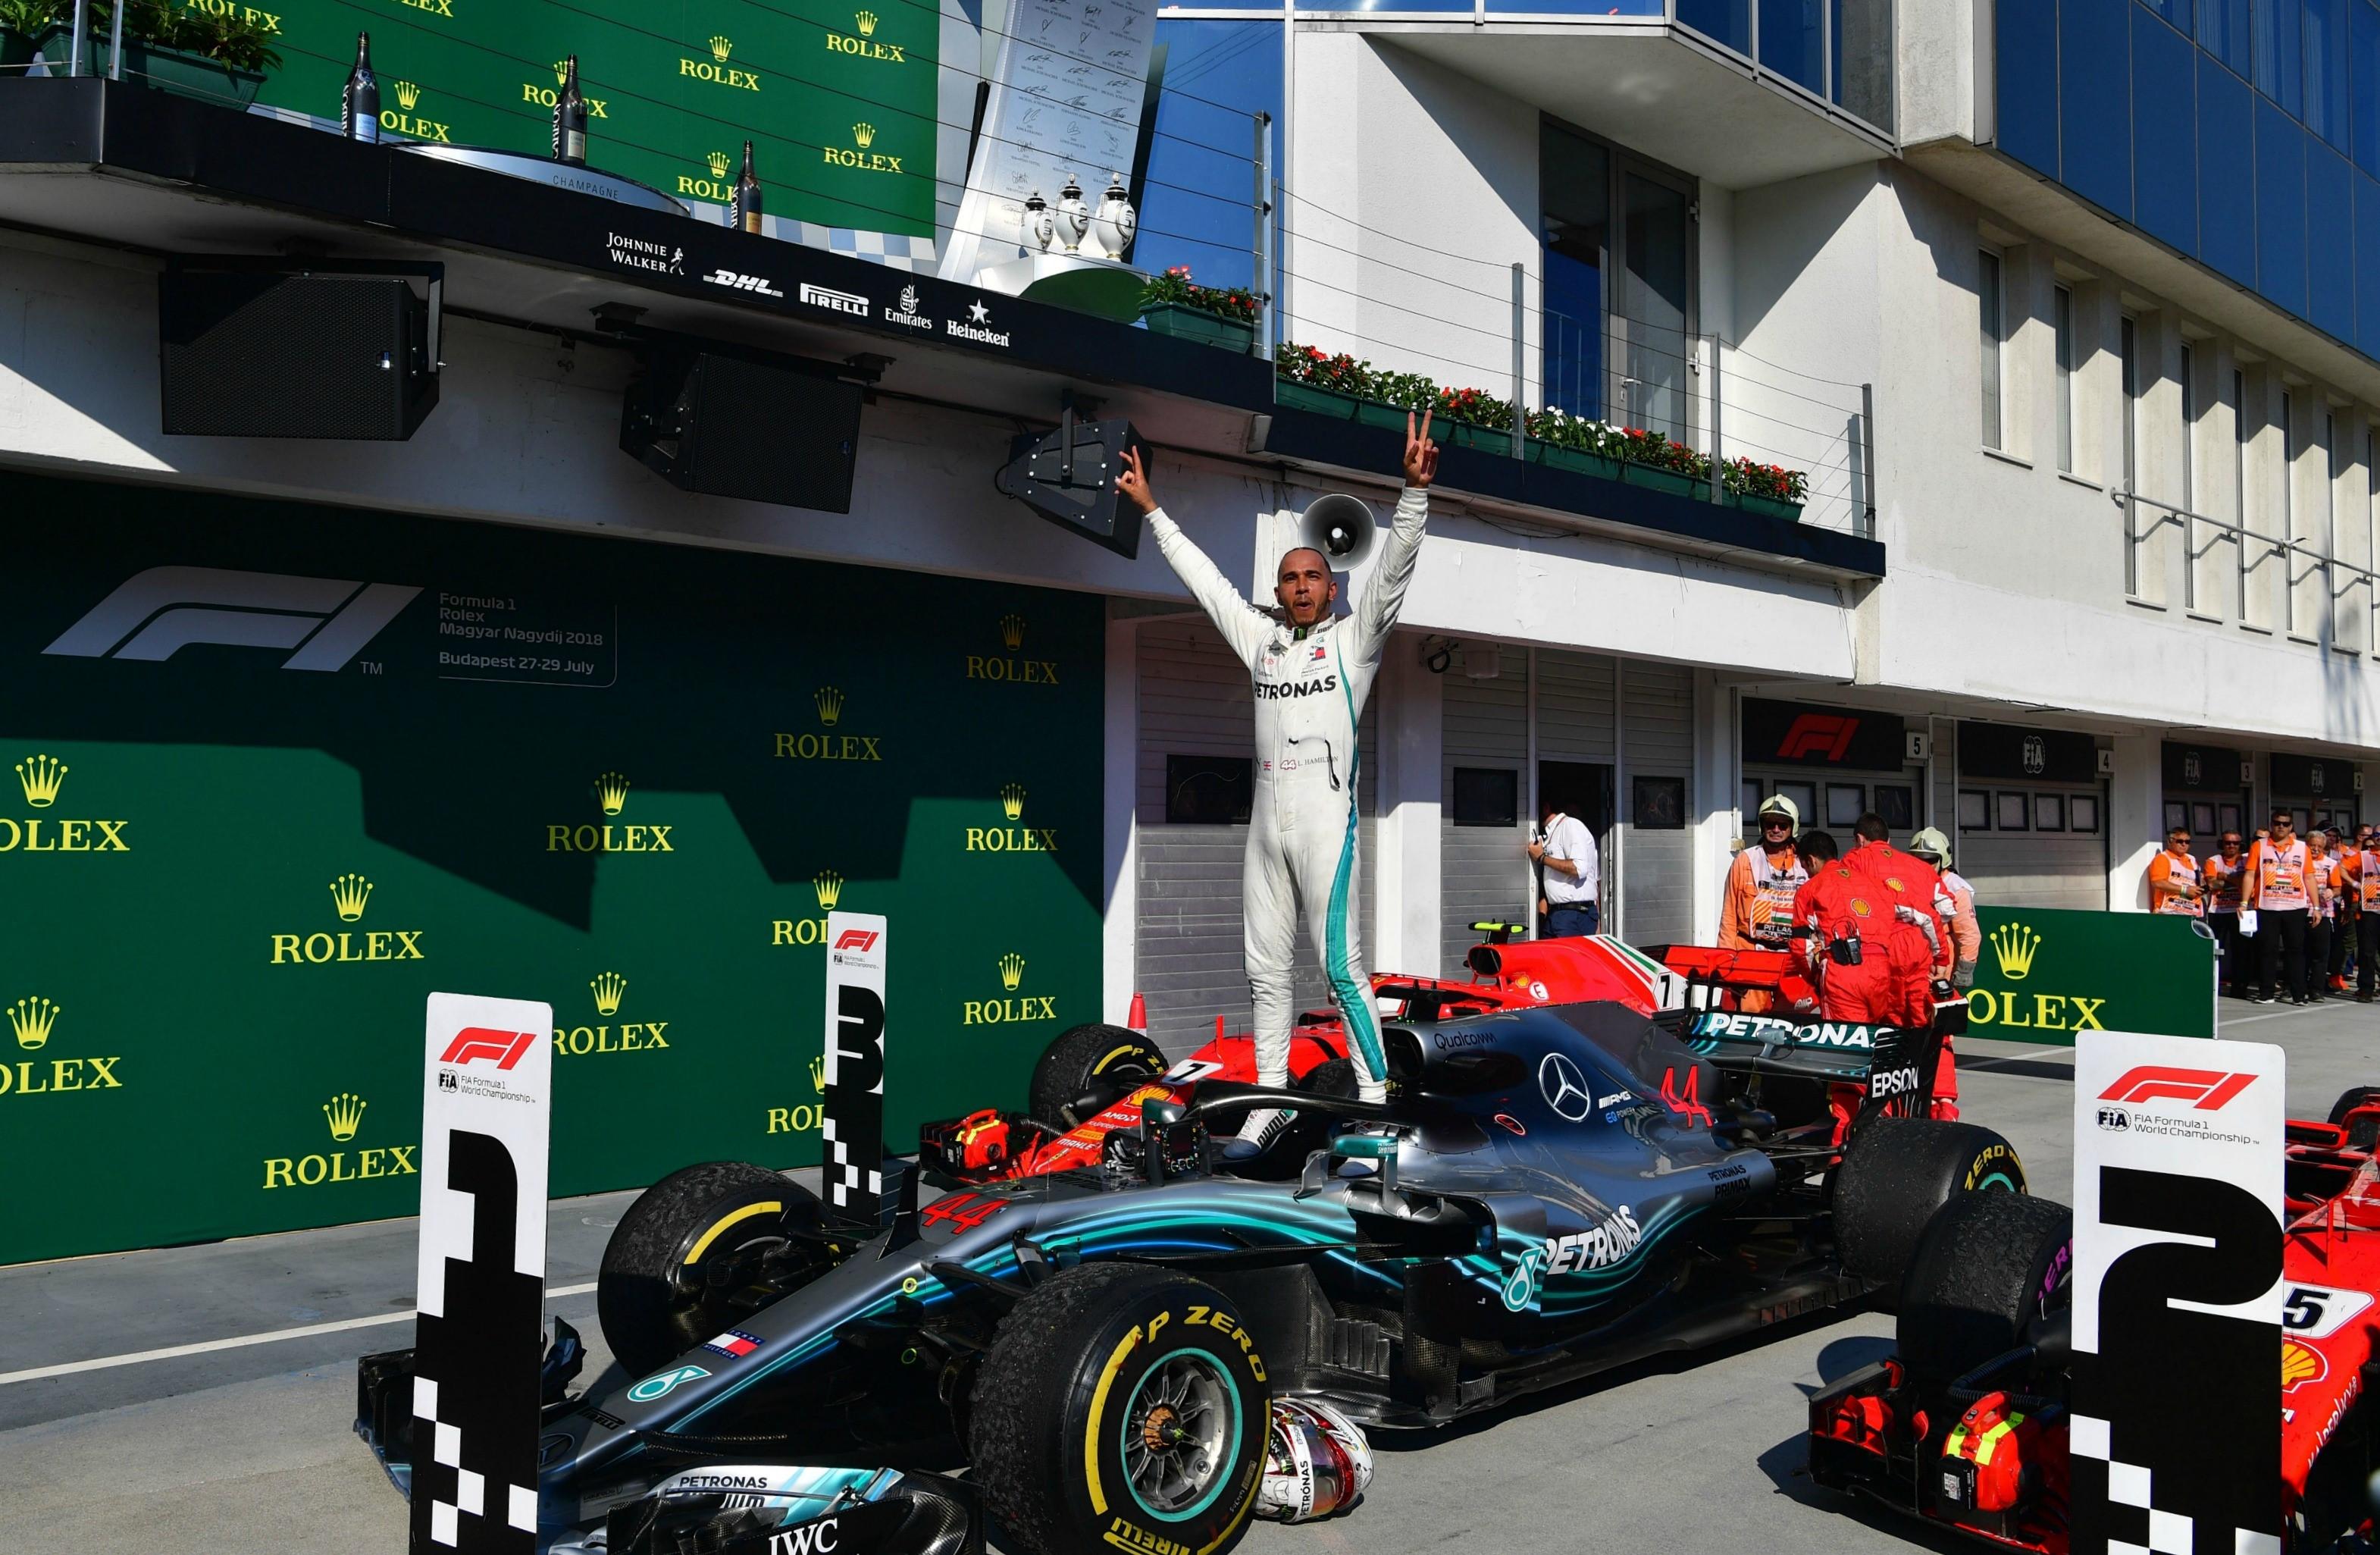 Lews Hamilton (Mercedes) au Grand Prix de Hongrie 2018